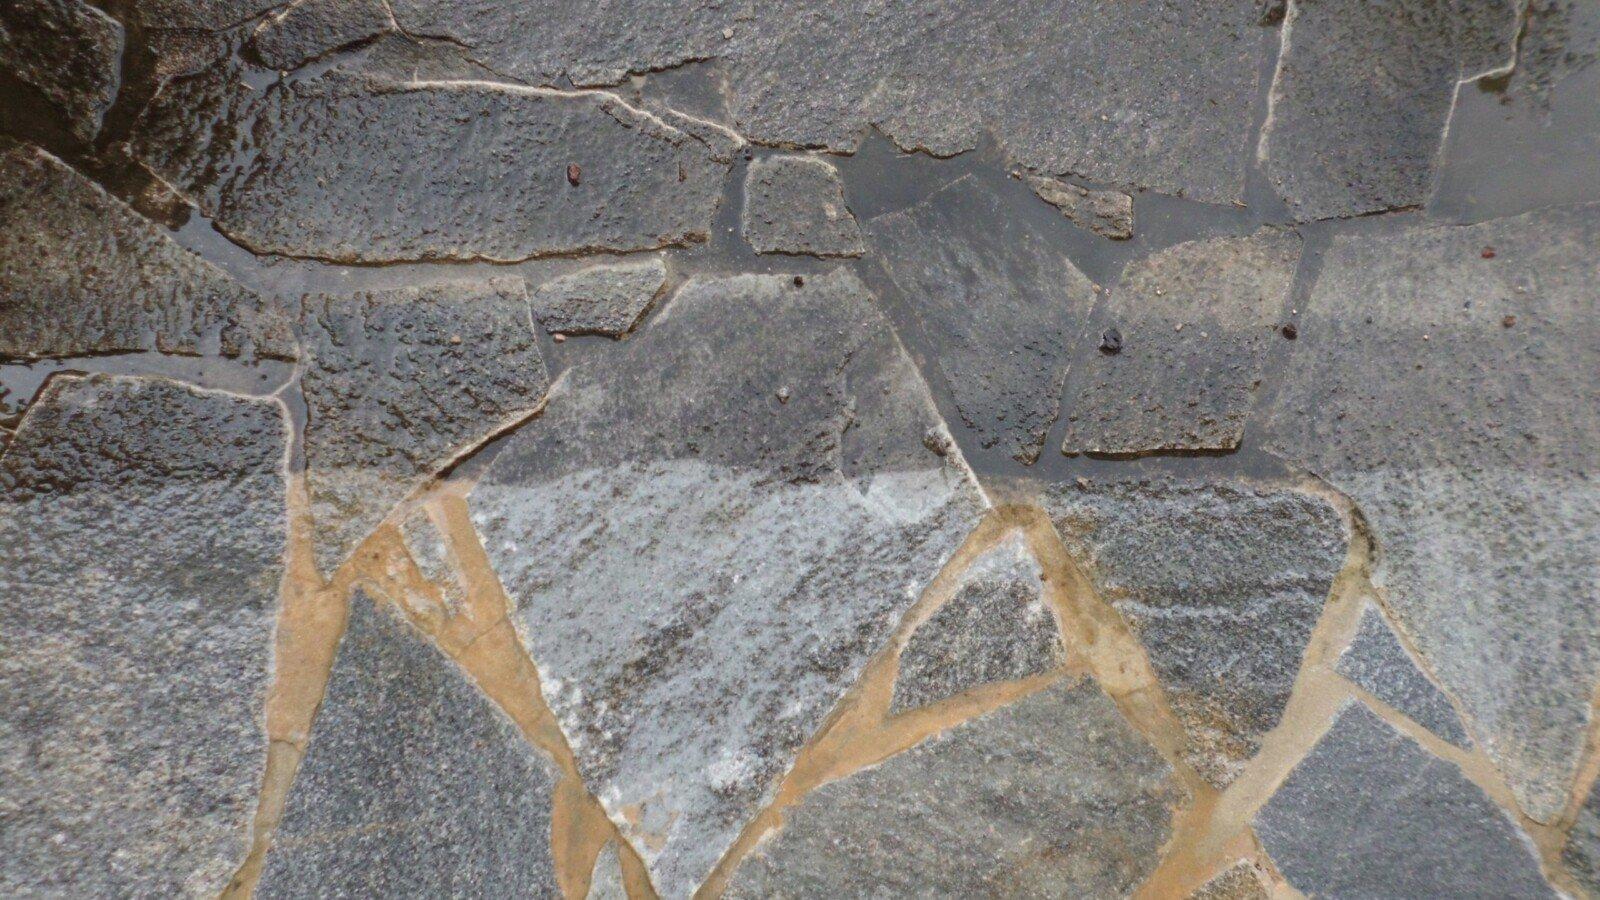 Natursteinreinigung - Natursteine reinigen, sanieren, konservieren durch imprägnieren und versiegeln